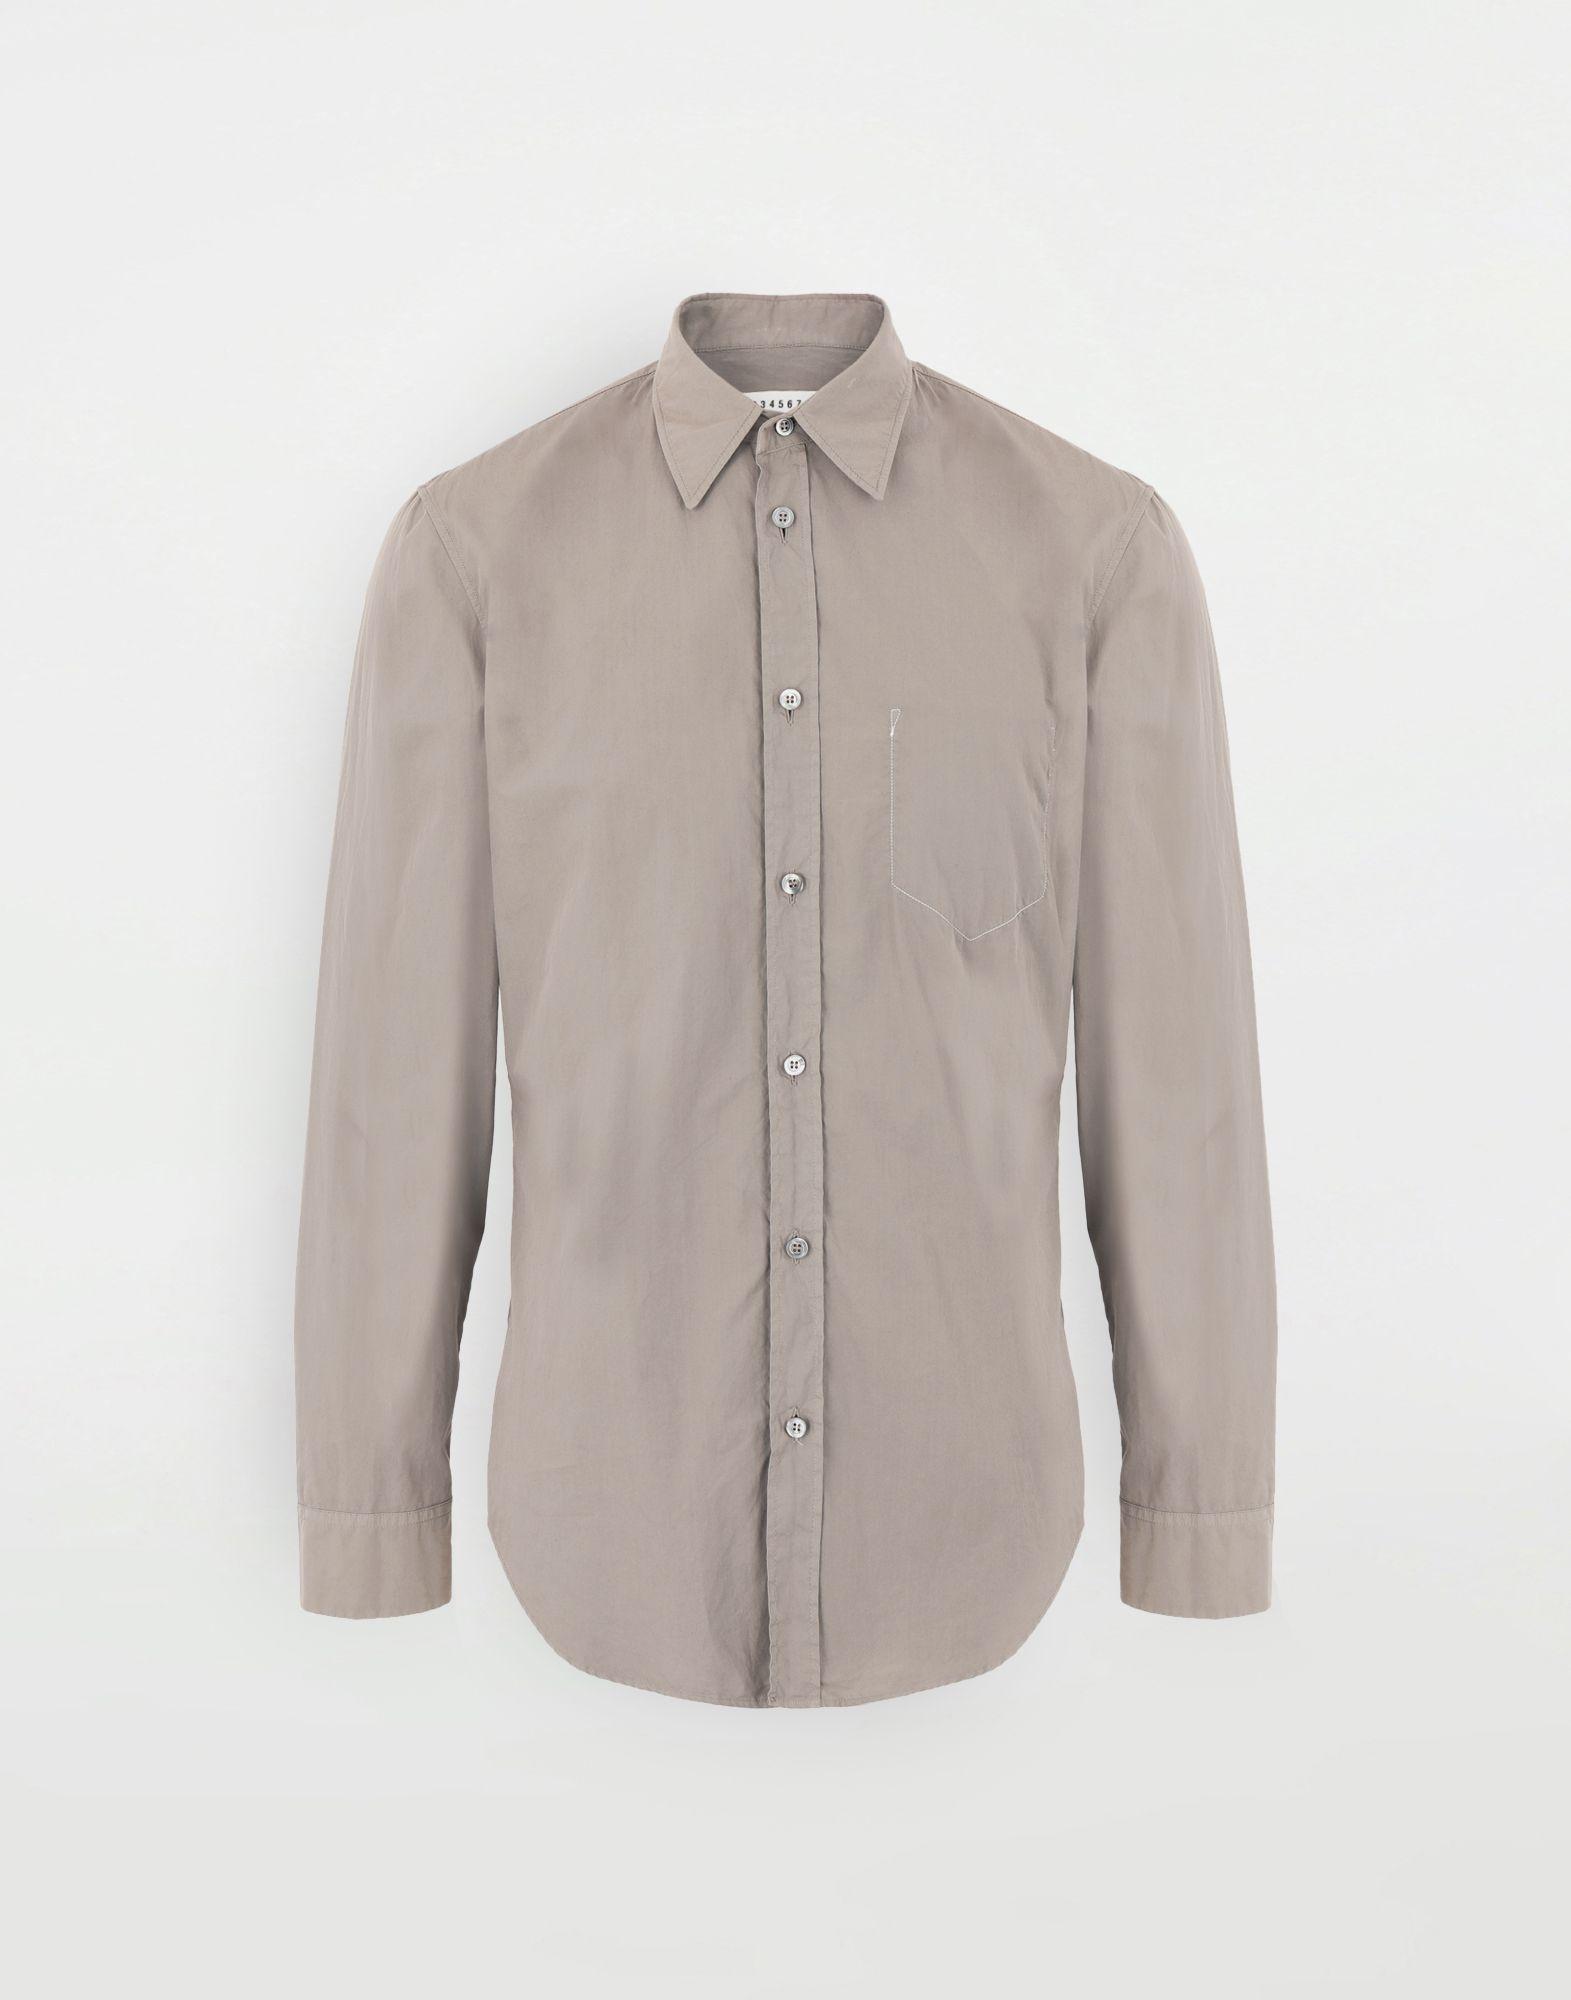 MAISON MARGIELA Camicia in cotone Camicia maniche lunghe Uomo f